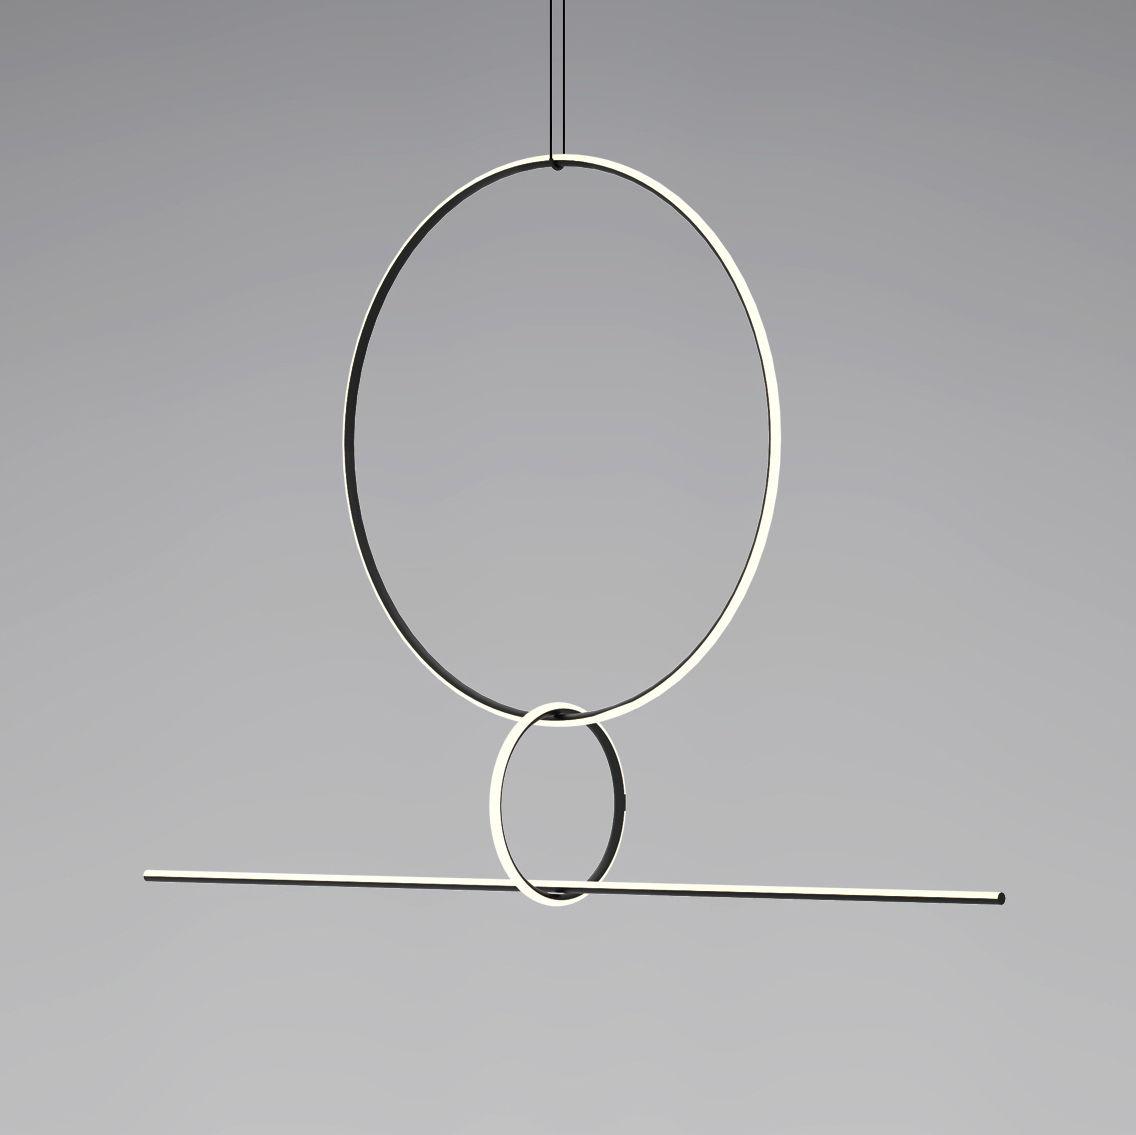 Illuminazione - Lampadari - Sospensione Arrangements 3 LED - / 3 elementi - H 140 x L 170 cm di Flos - Bianco & Nero - alluminio verniciato, policarbonato